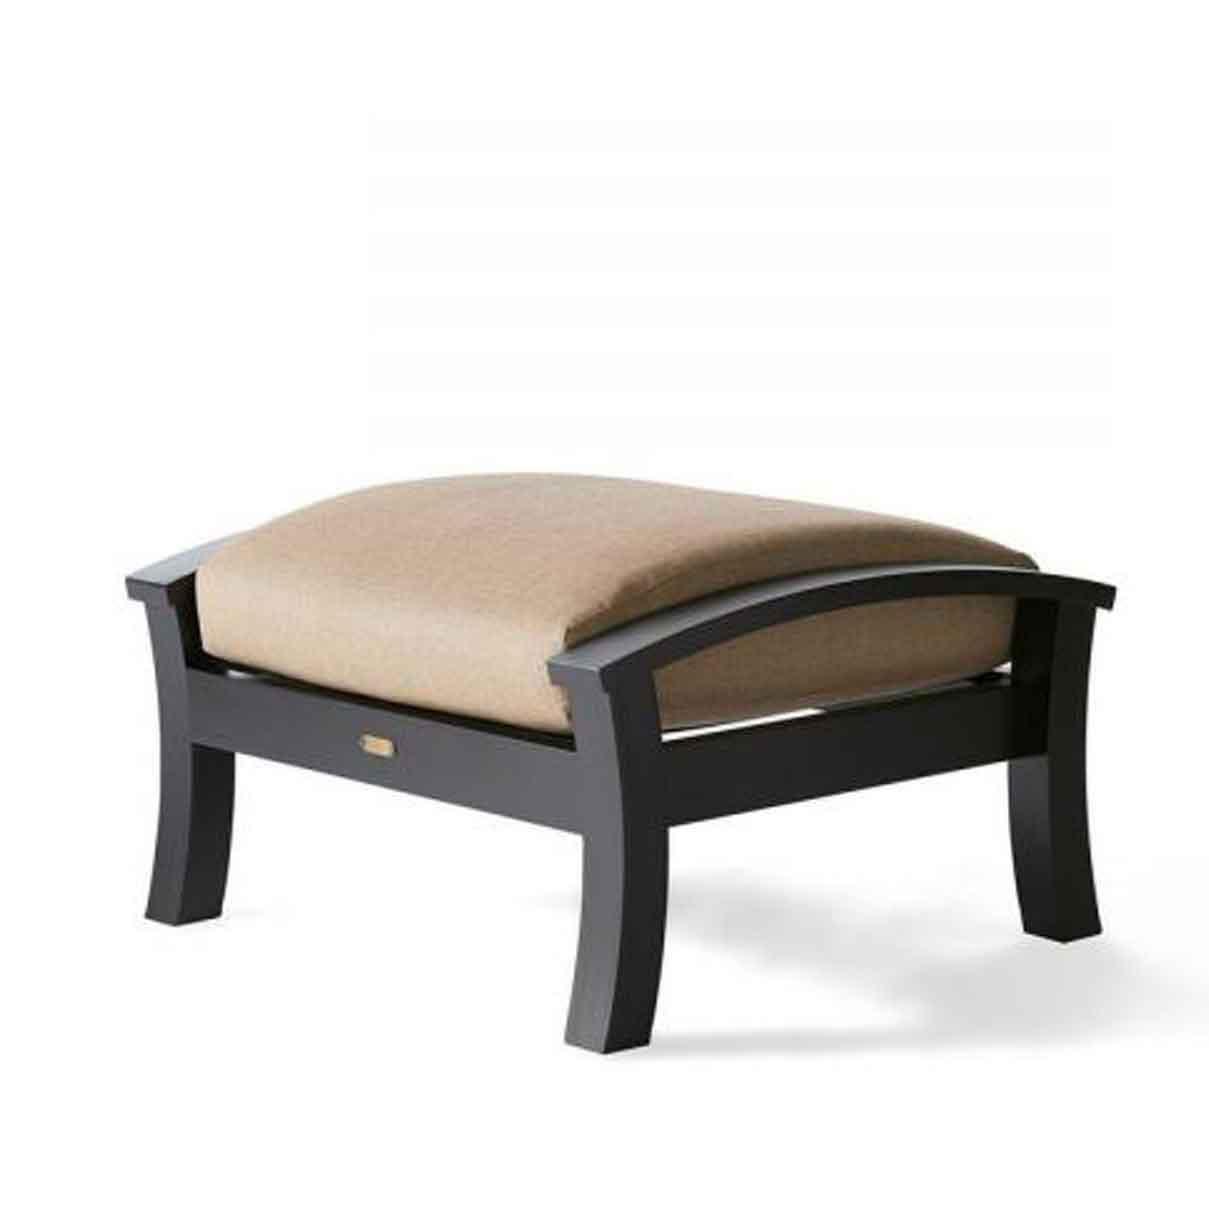 Georgetown Cushion Ottoman - Cast Ash